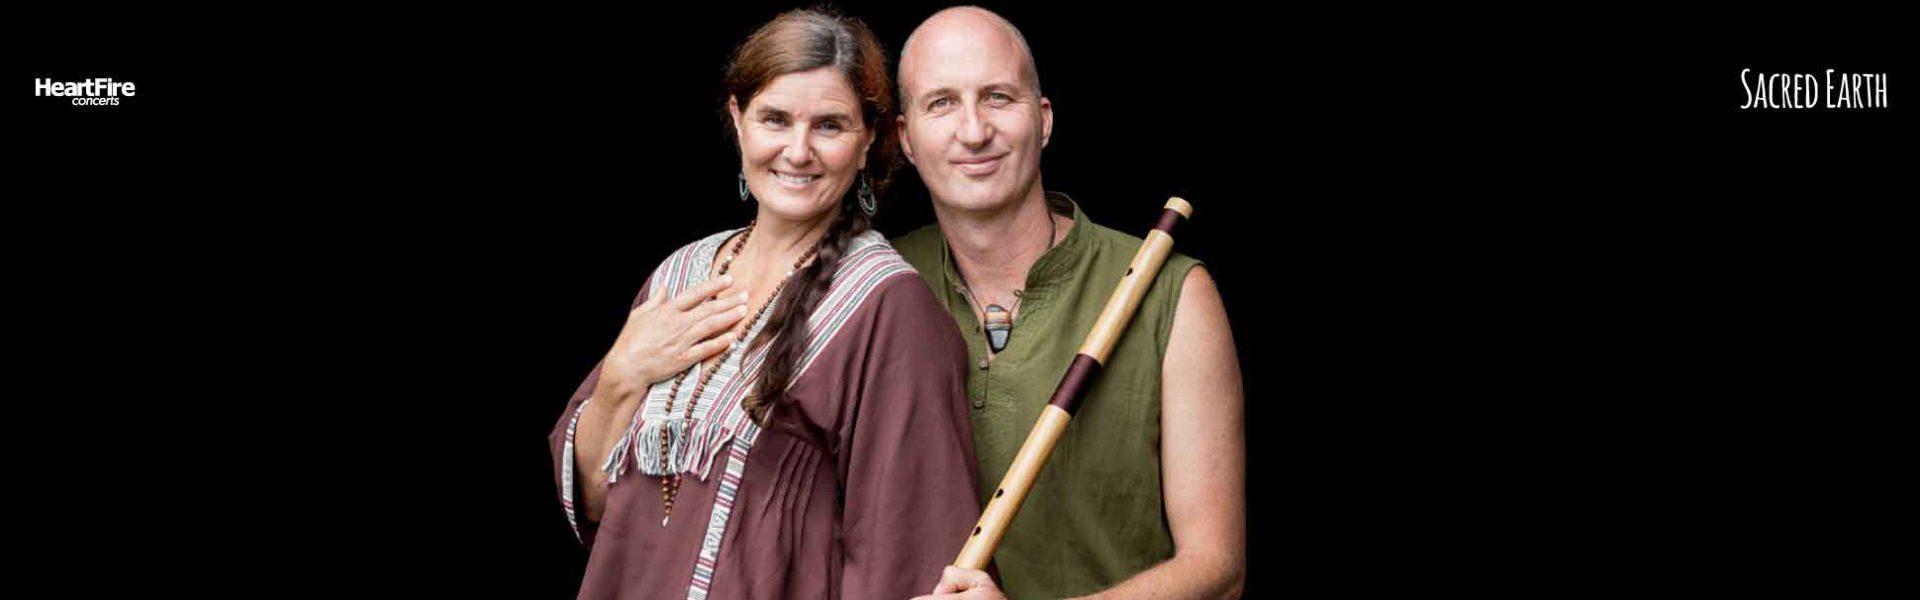 Sacred Earth :: in Concert 5 October 2019 @Zuiderkerk Amsterdam